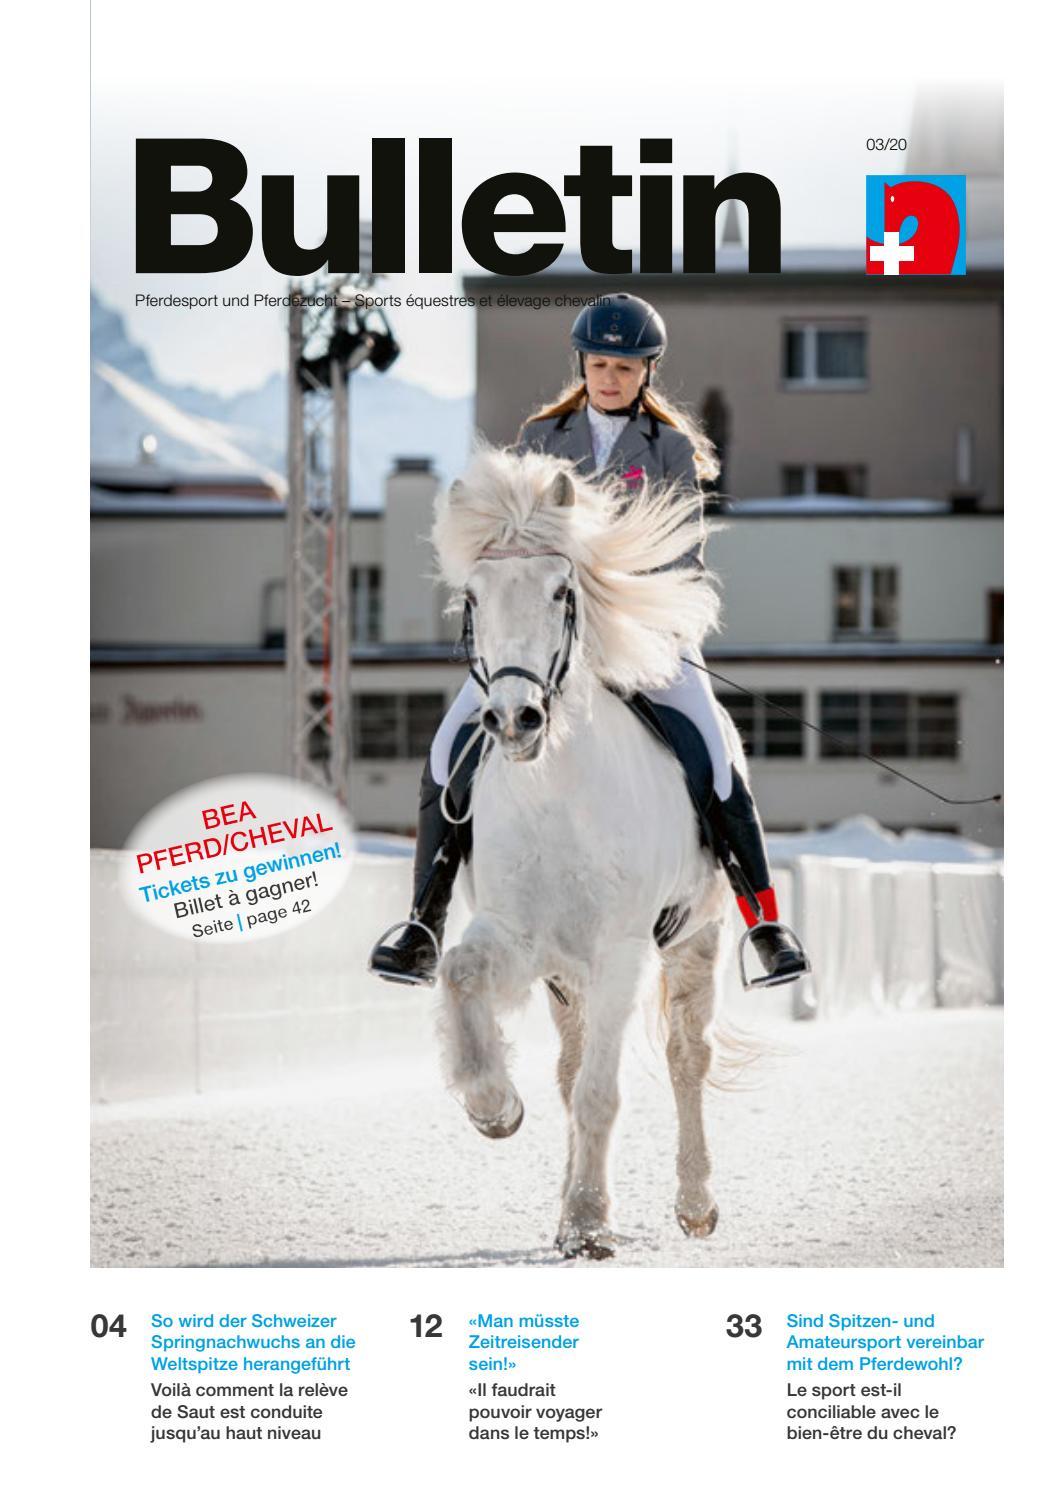 bea pferd/cheval - Schweizerischer Verband fr Pferdesport